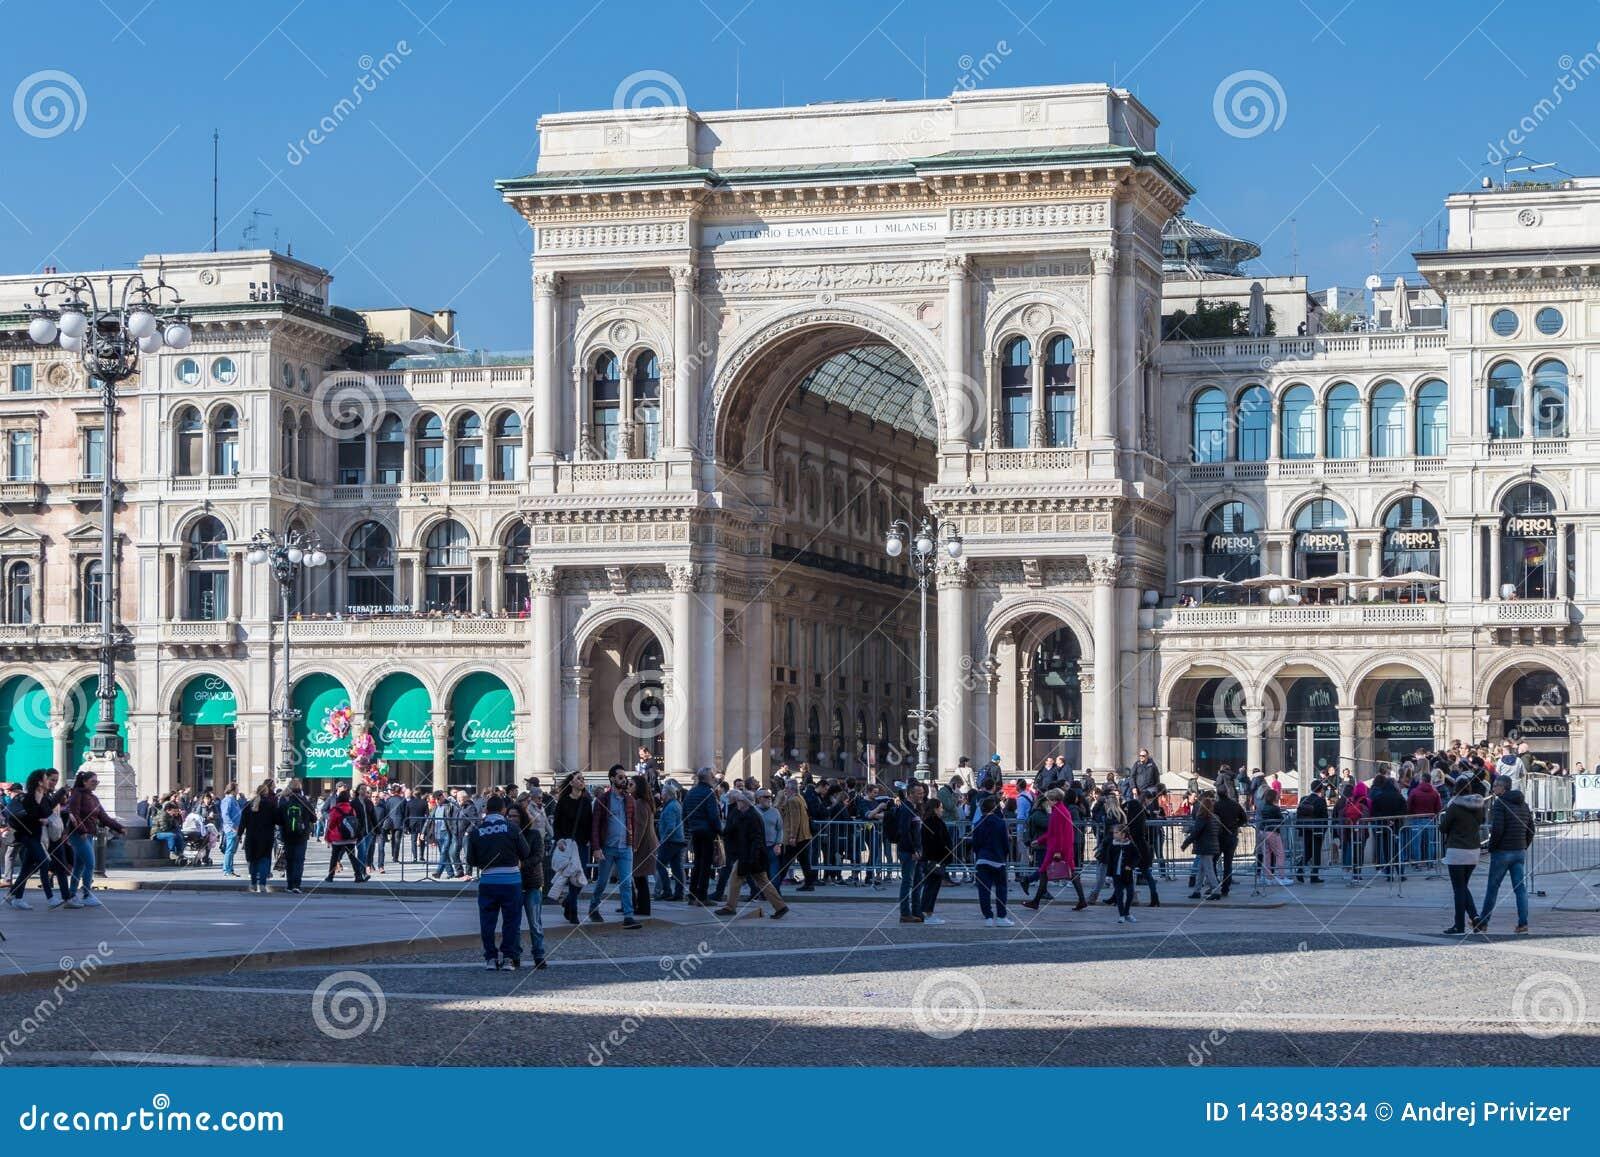 Wejście Galleria Vittorio Emanuele II, Mediolan, Włochy